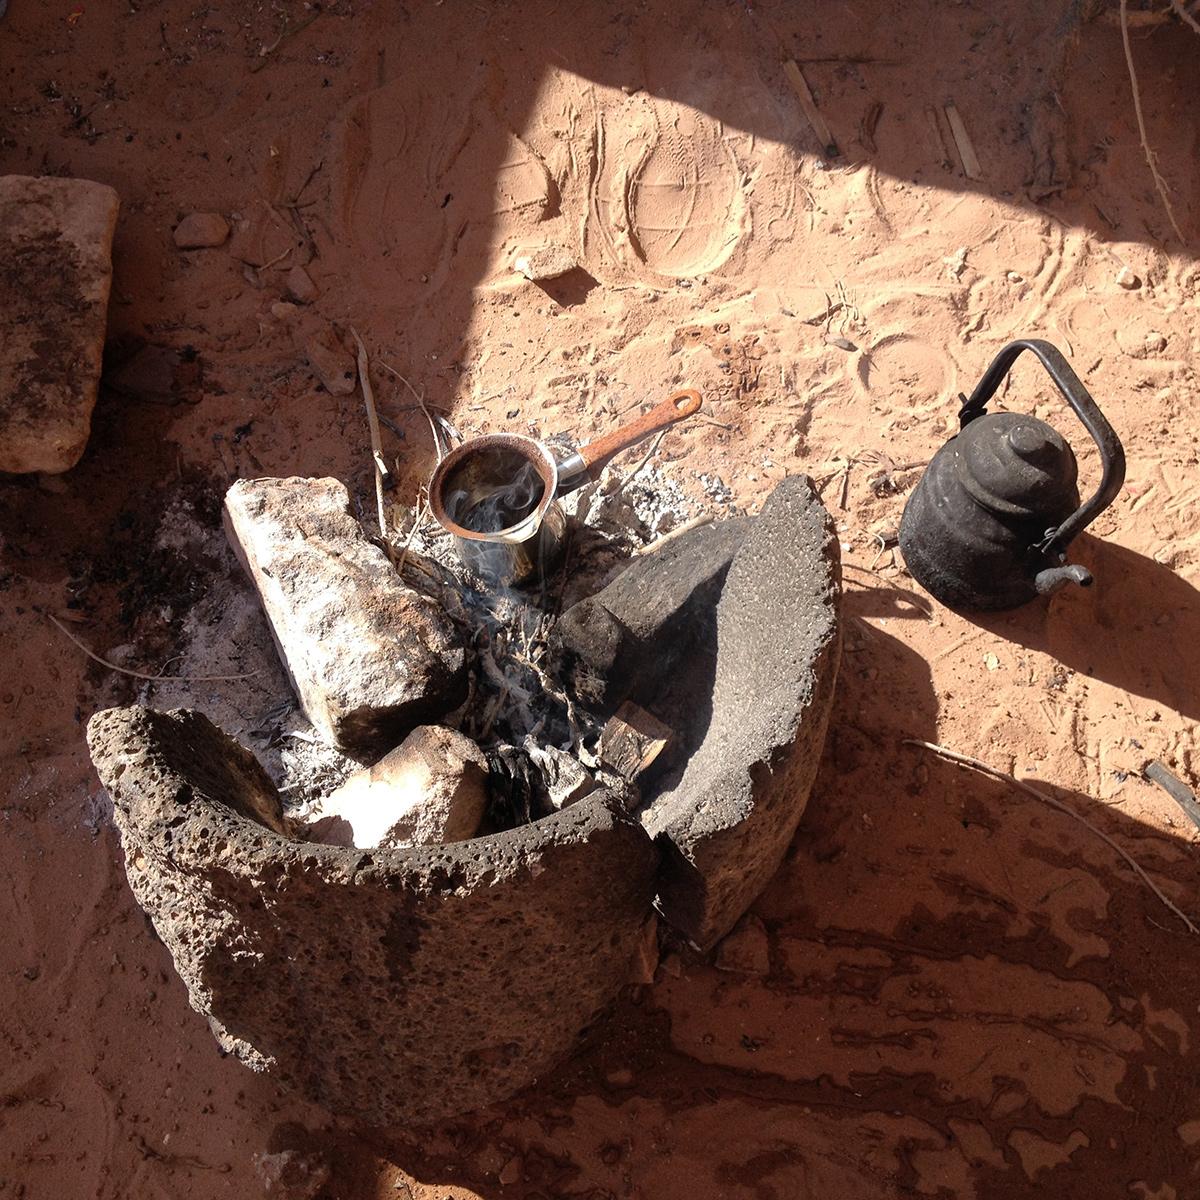 Petra-drone-tournage-06.jpg